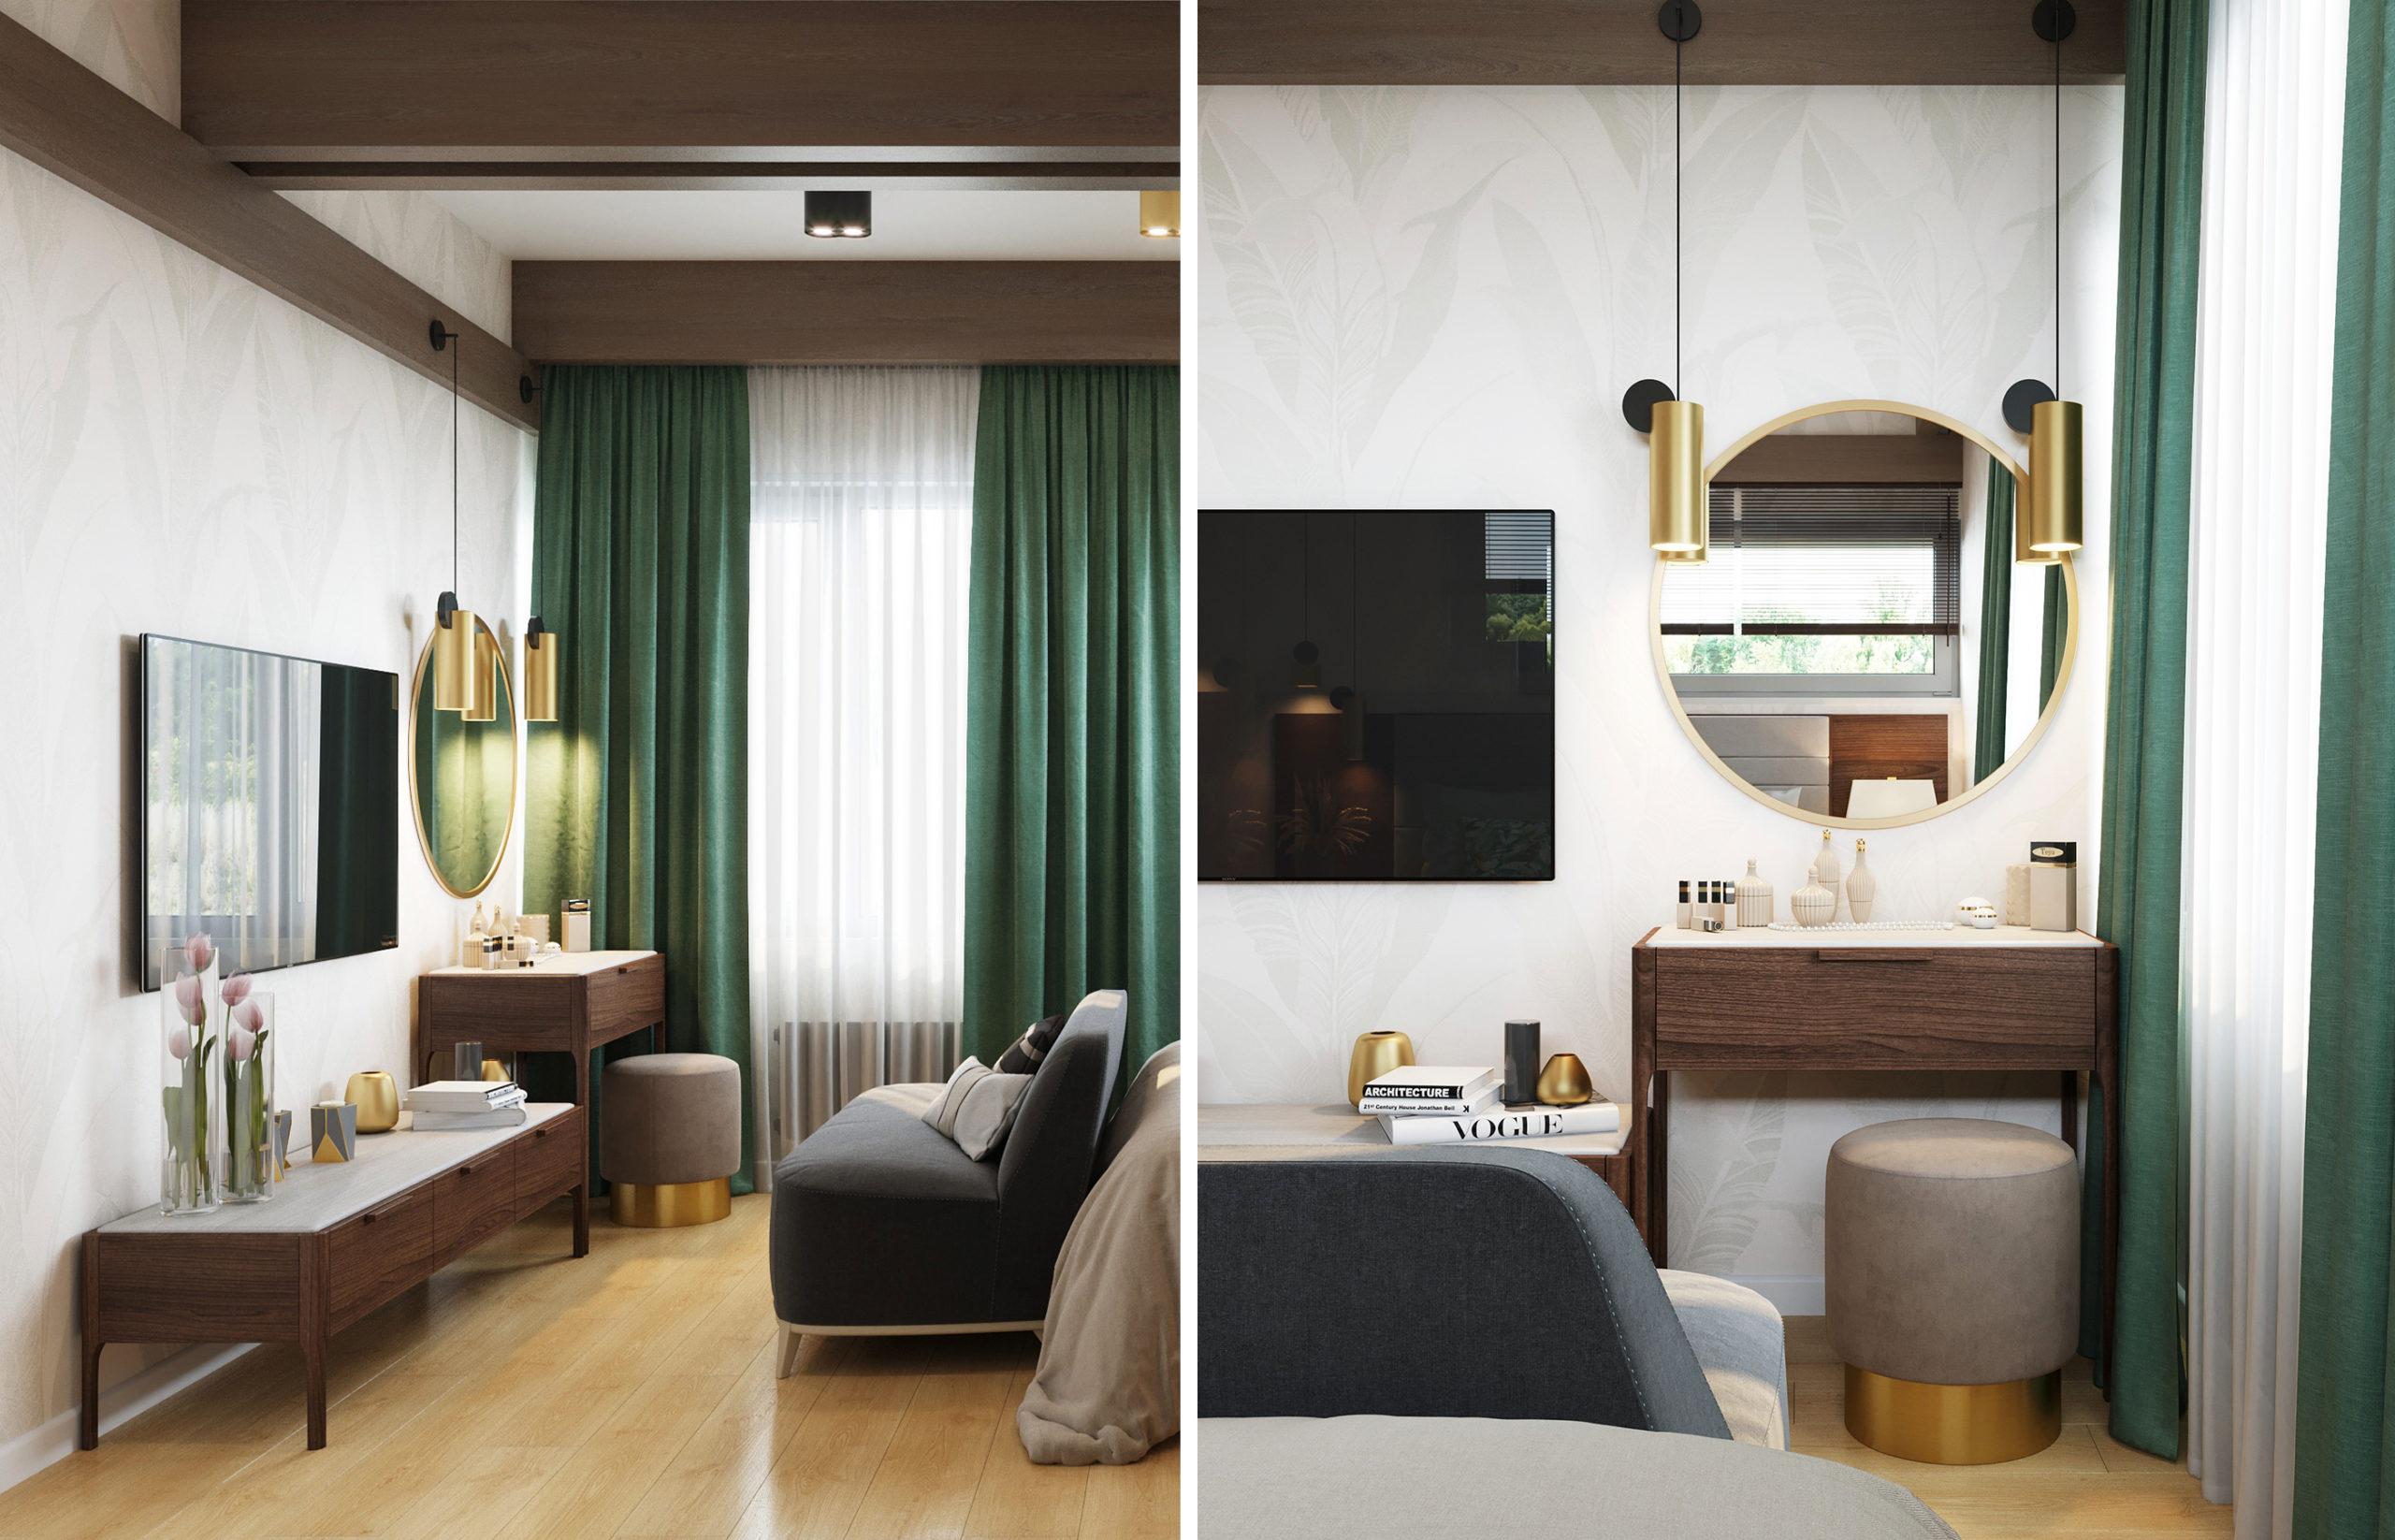 Едва заметный орнамент из крупных листьев на обоях, деревянная мебель, золотистые светильники - с помощью этих элементов удается создать теплый и уютный минималистичный интерьер спальни